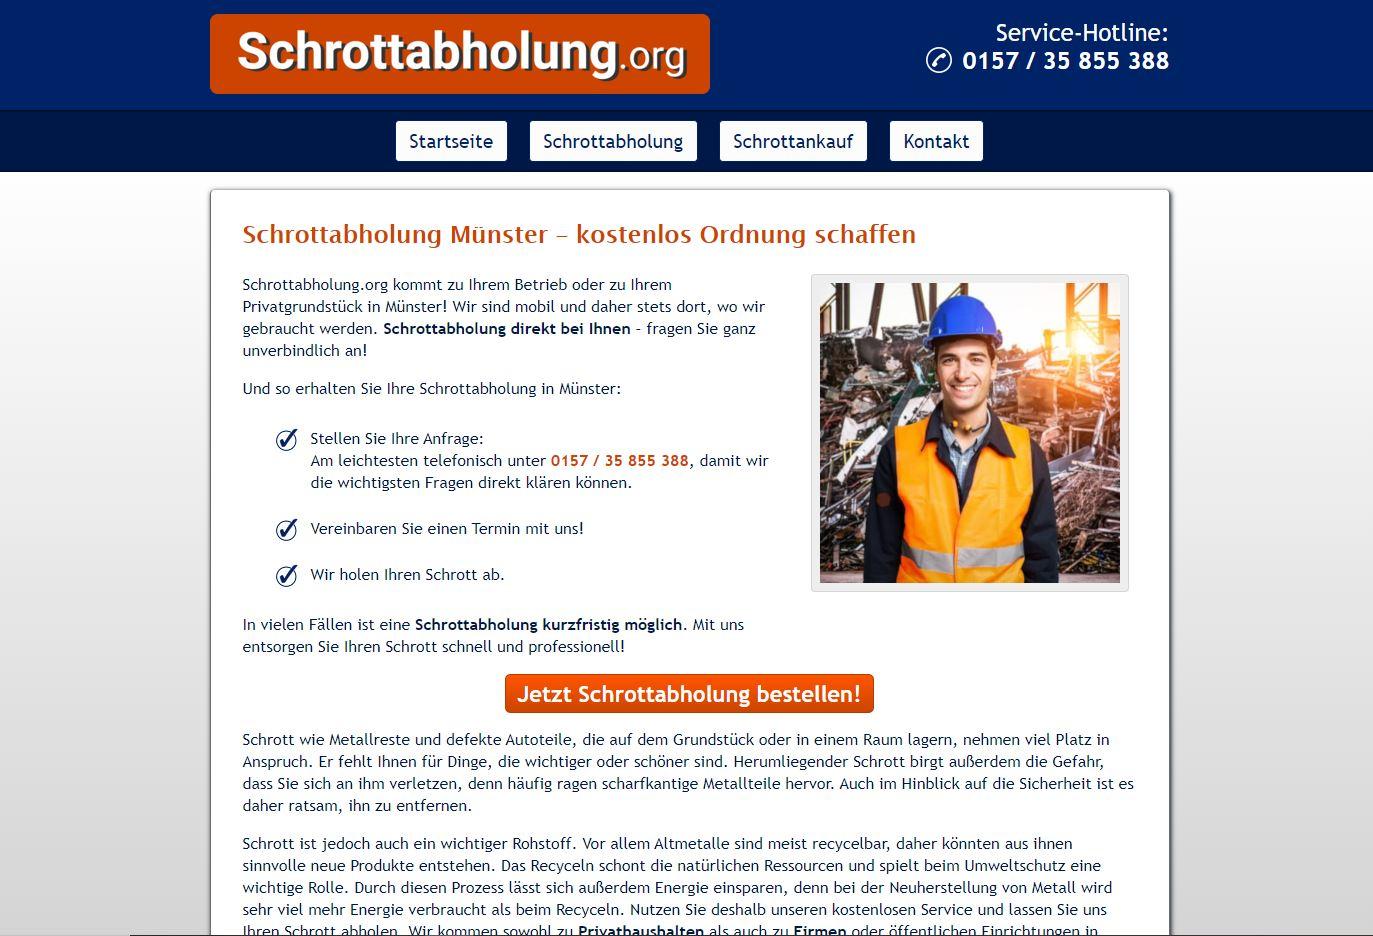 Schrottabholung in Münster